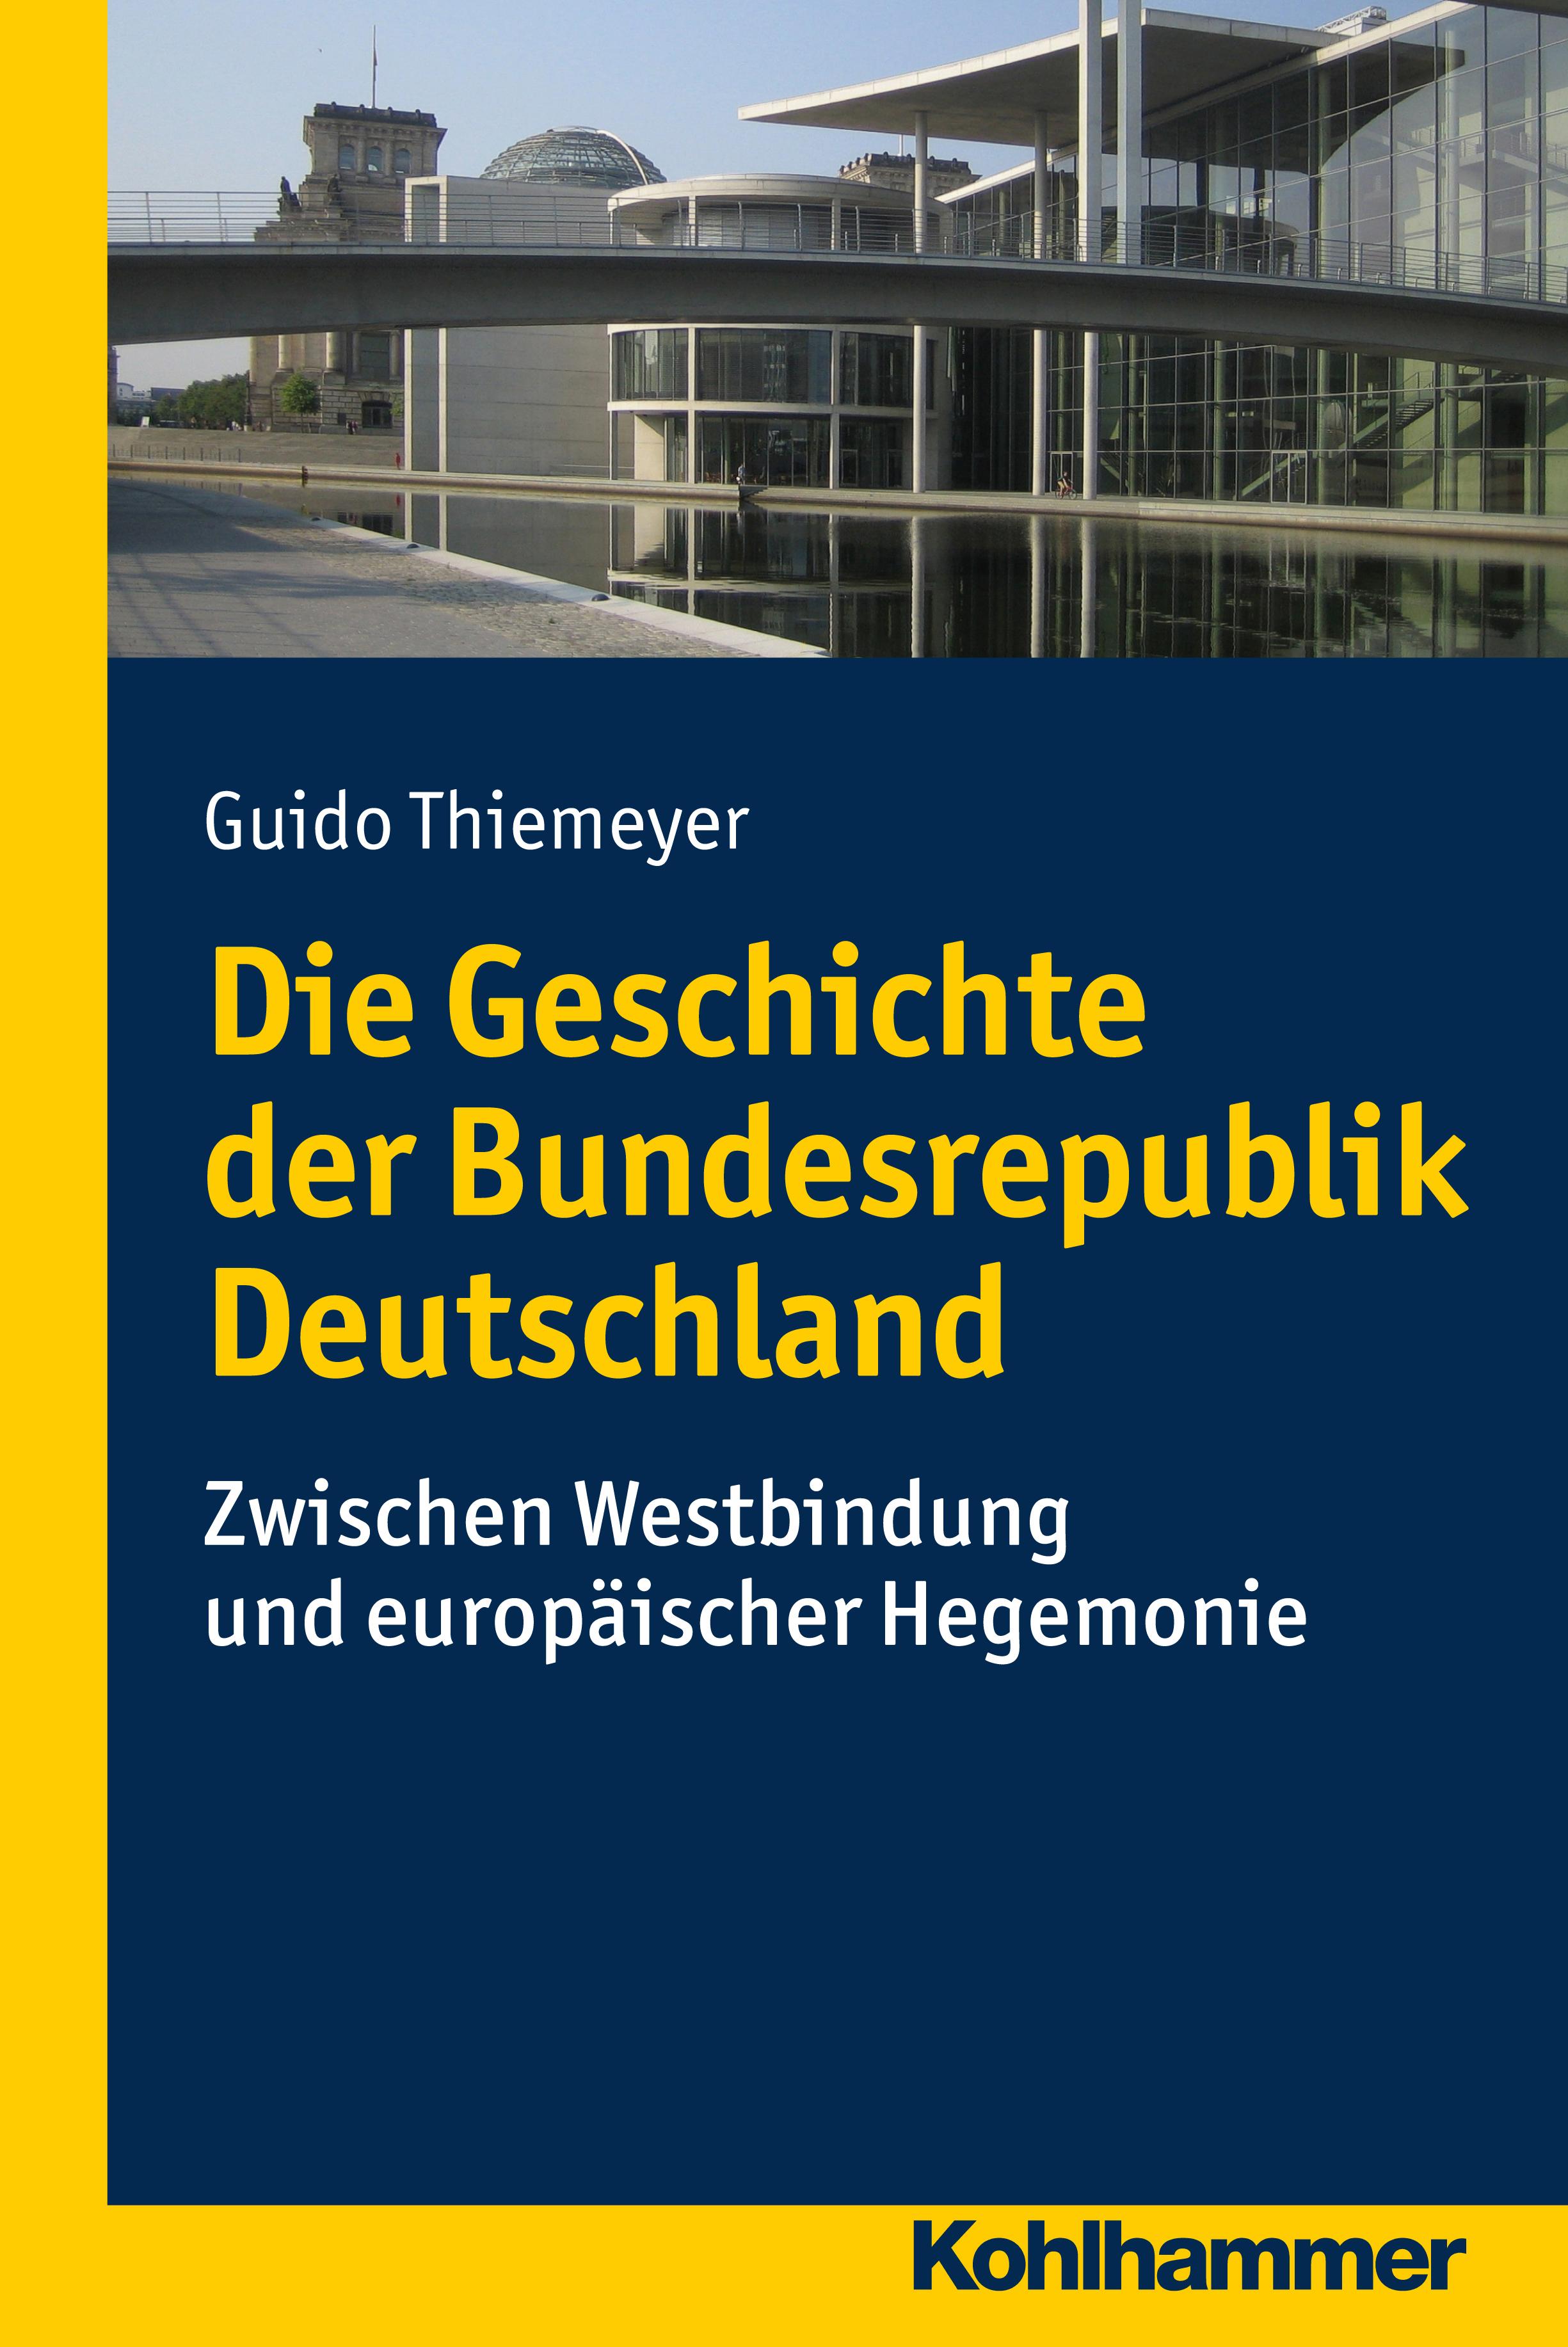 Guido Thiemeyer Die Geschichte der Bundesrepublik Deutschland